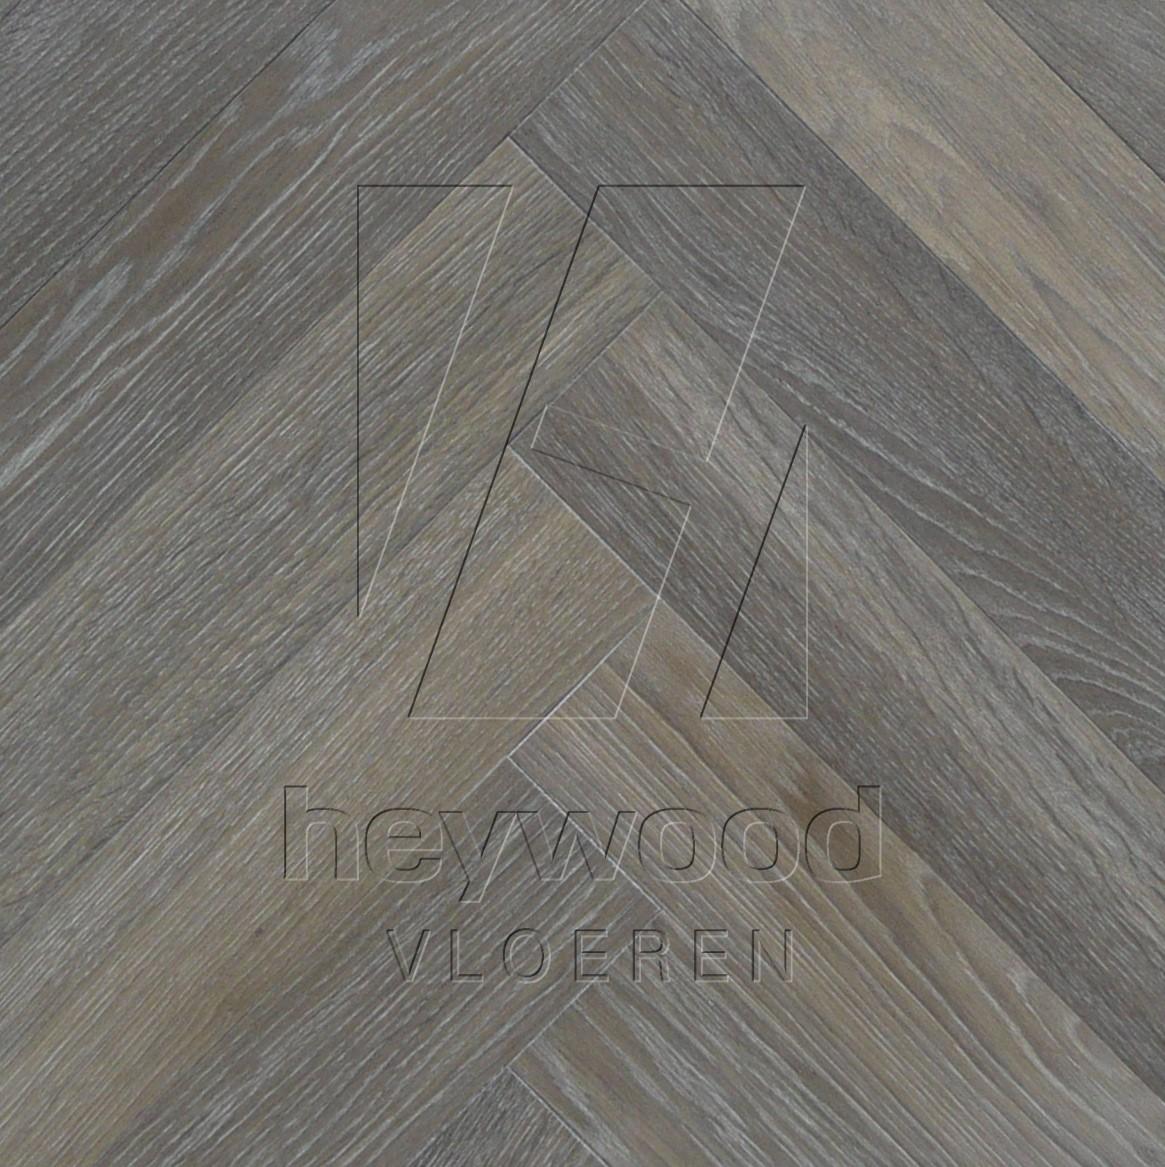 St. Andrews in Herringbone of Pattern & Panel Floors